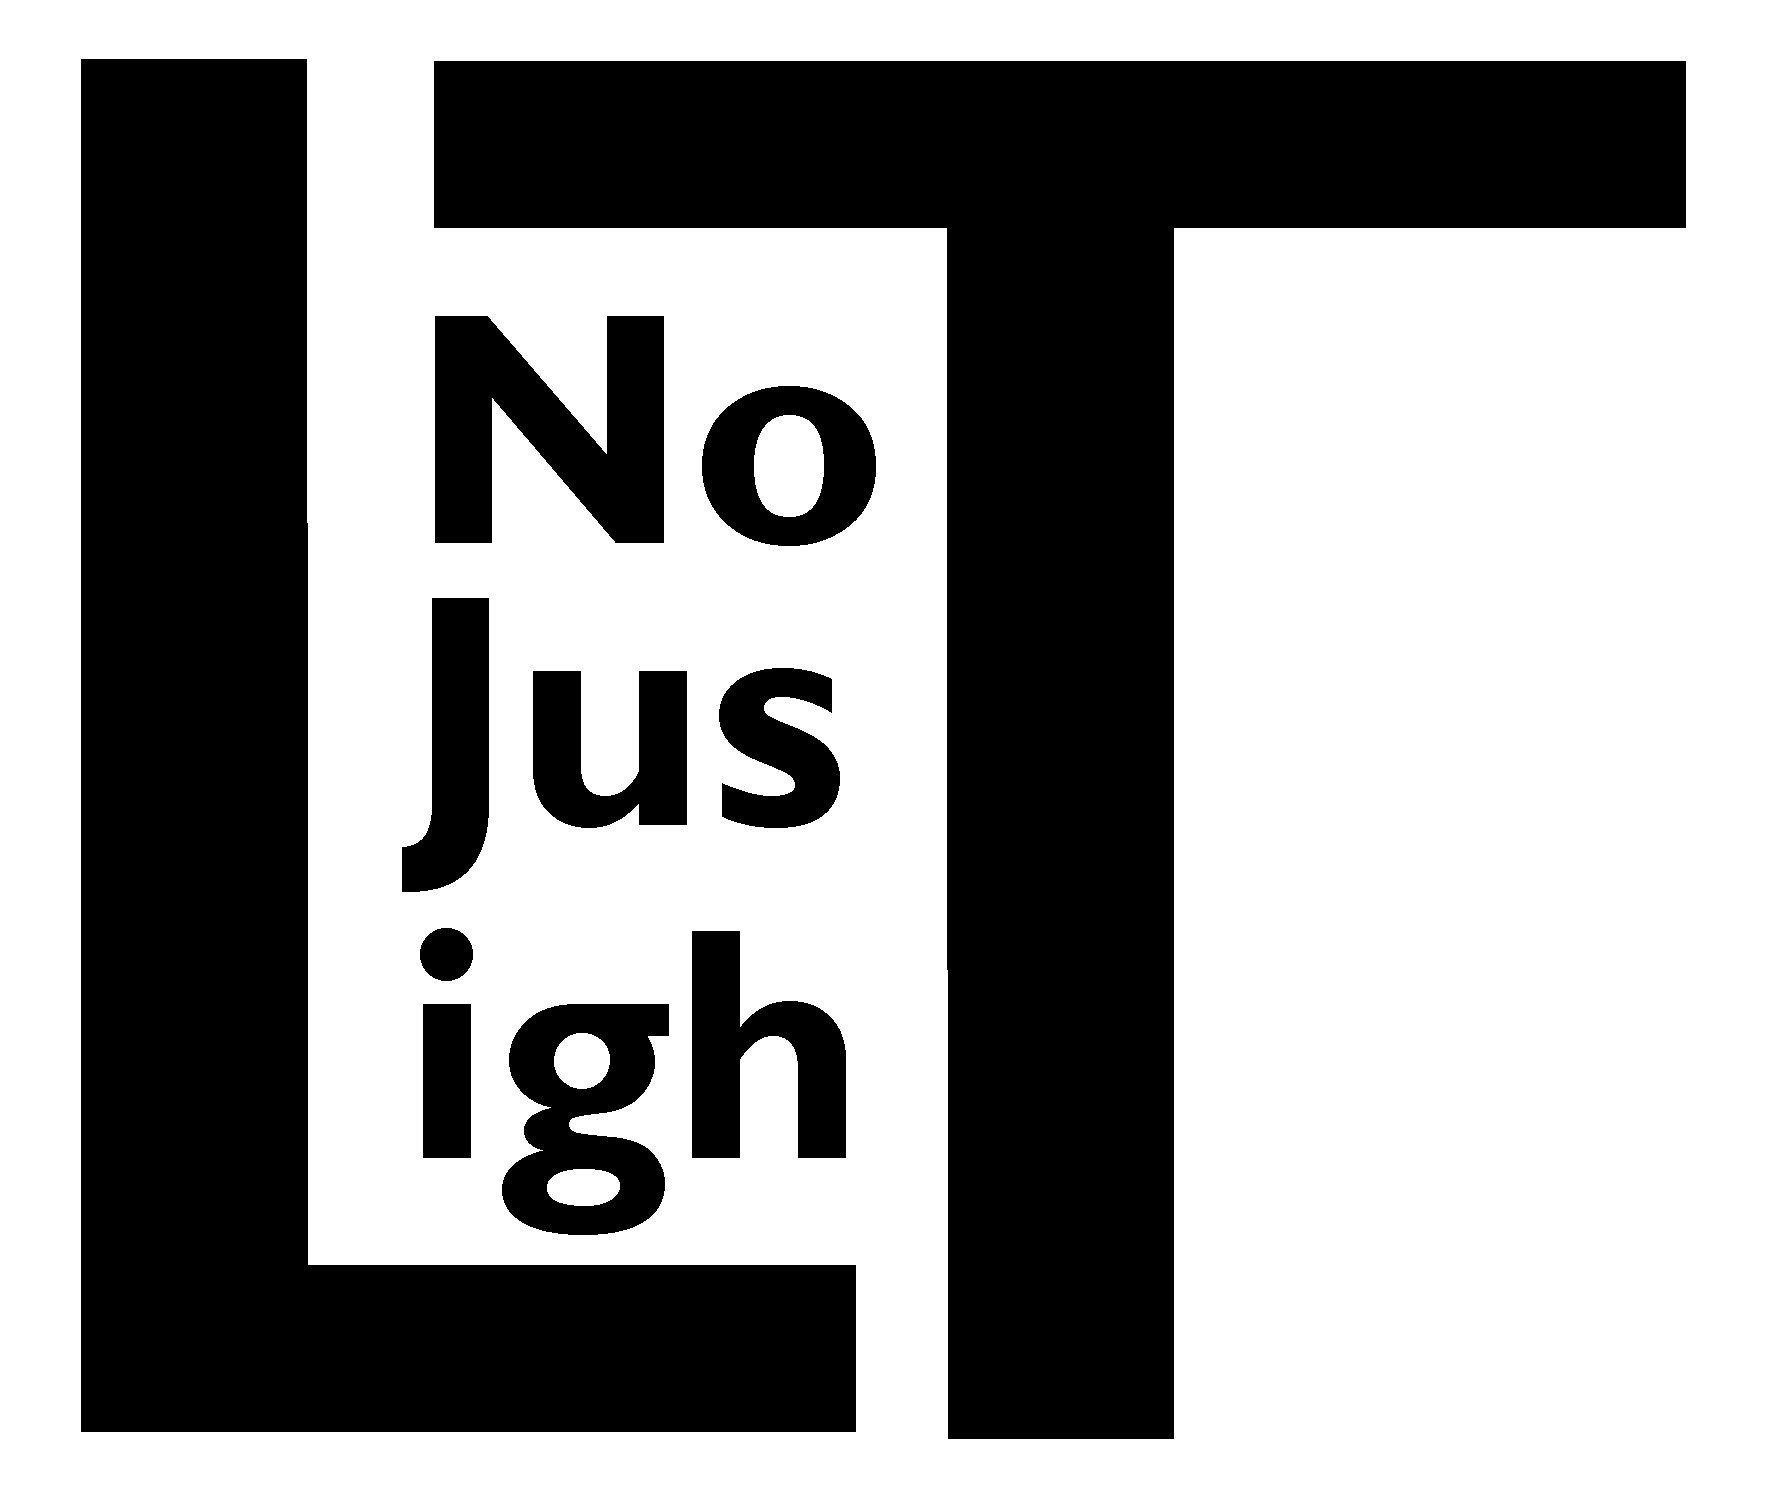 NotJustLight